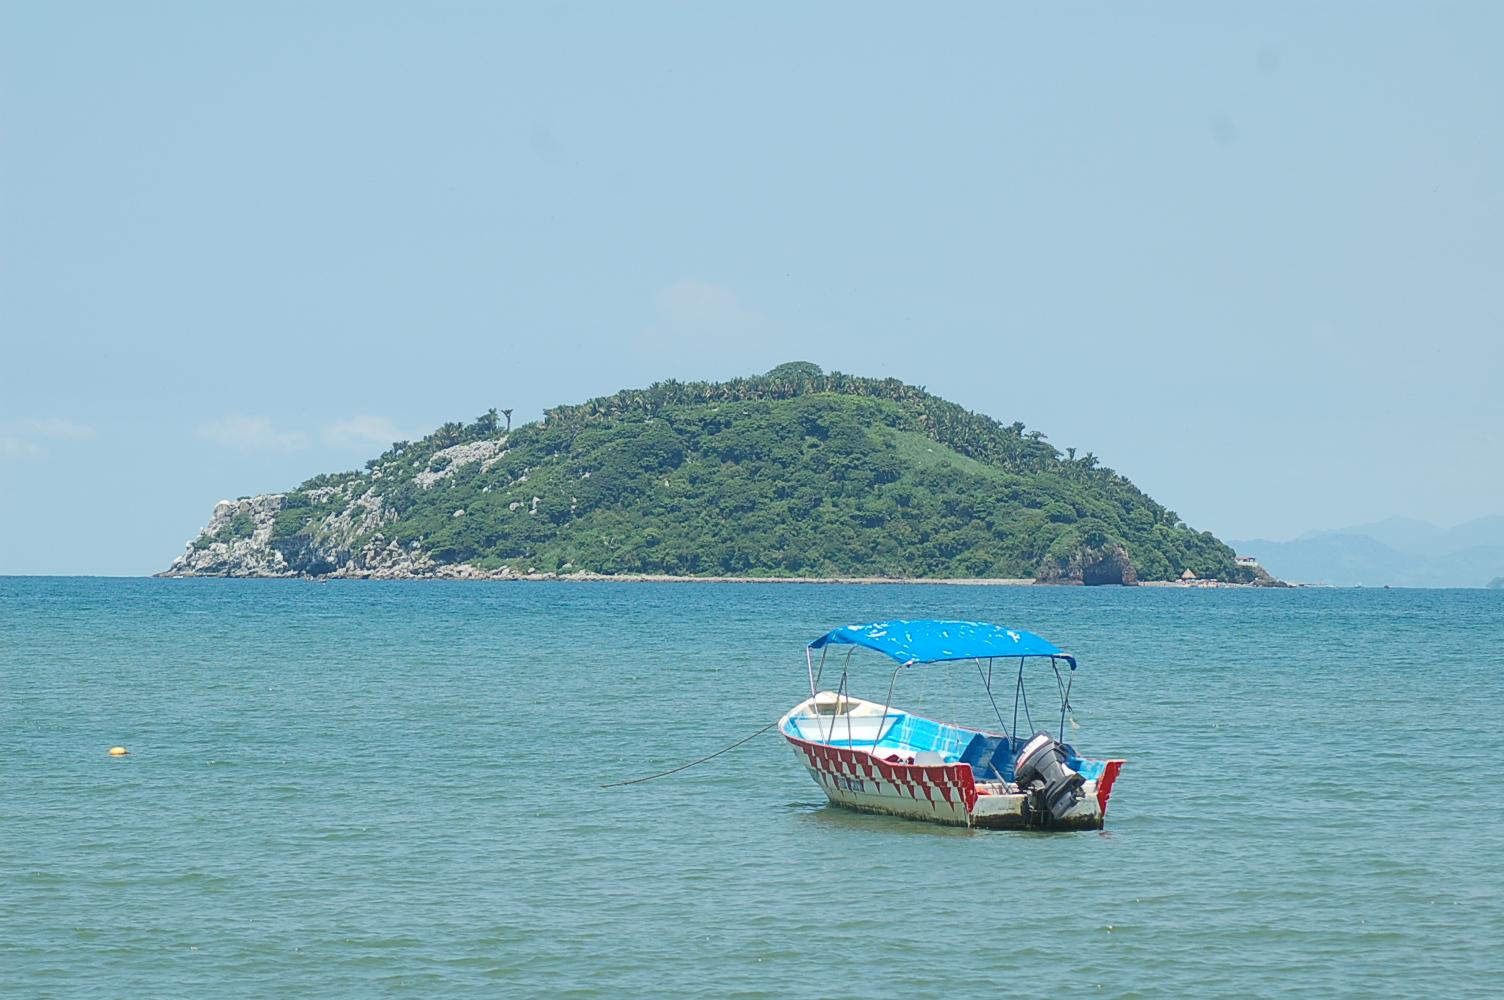 Riviera nayarit ahora busca turismo desde per 250